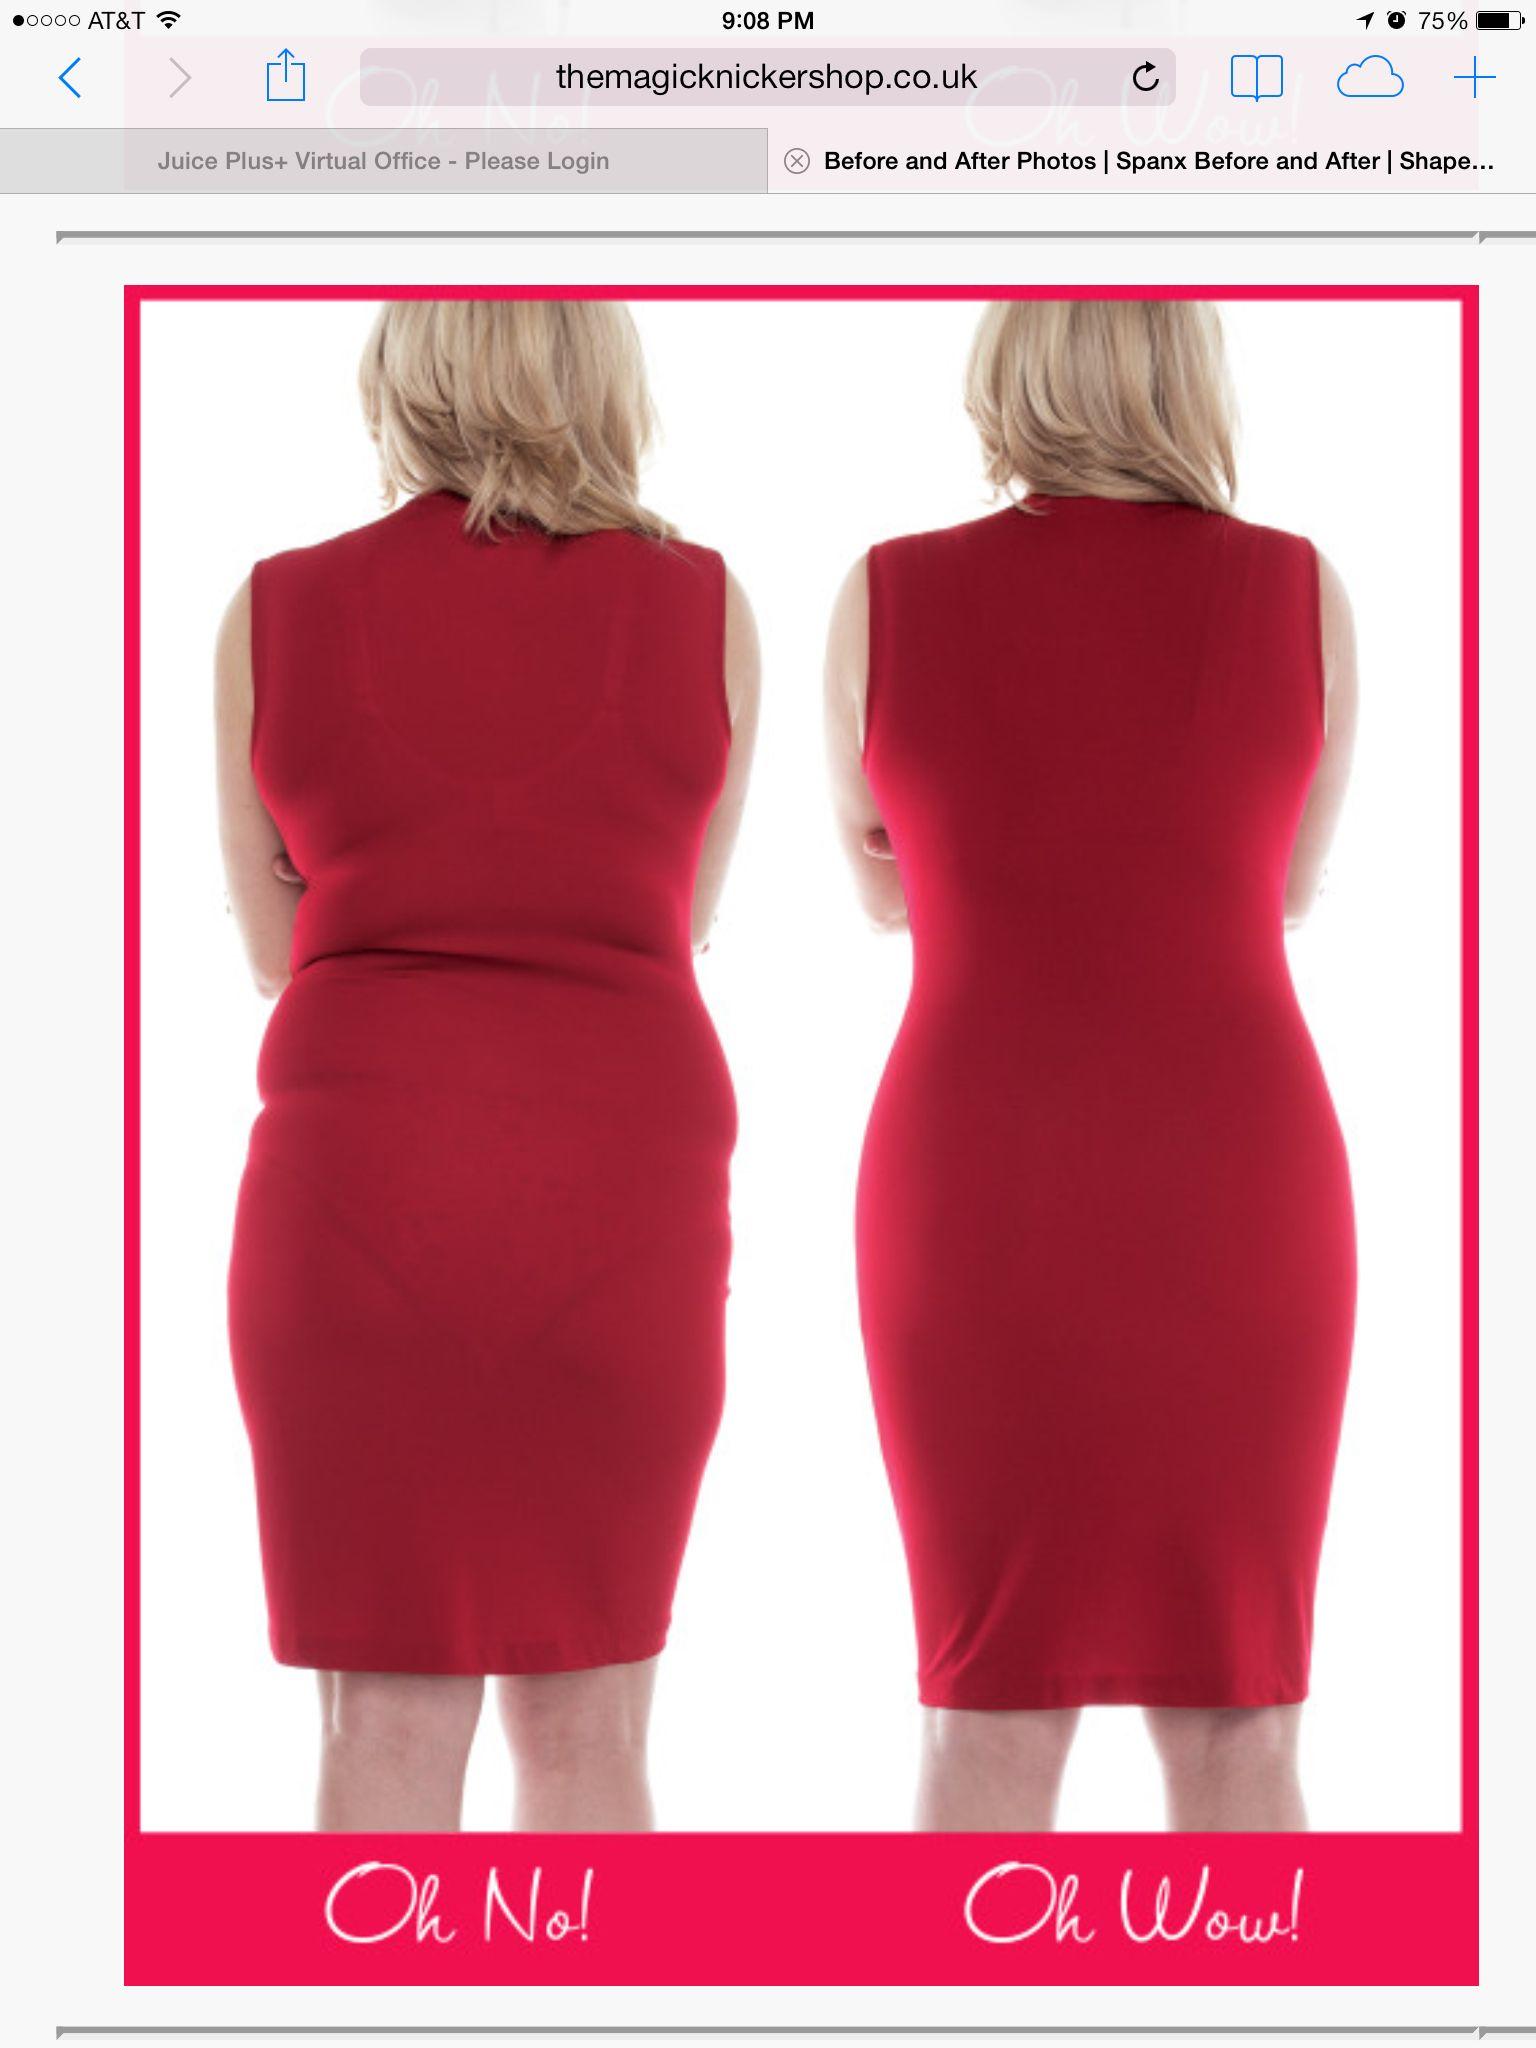 Hourglass Figure Shapewear Dress Shapewear Body Shapewear [ 2048 x 1536 Pixel ]